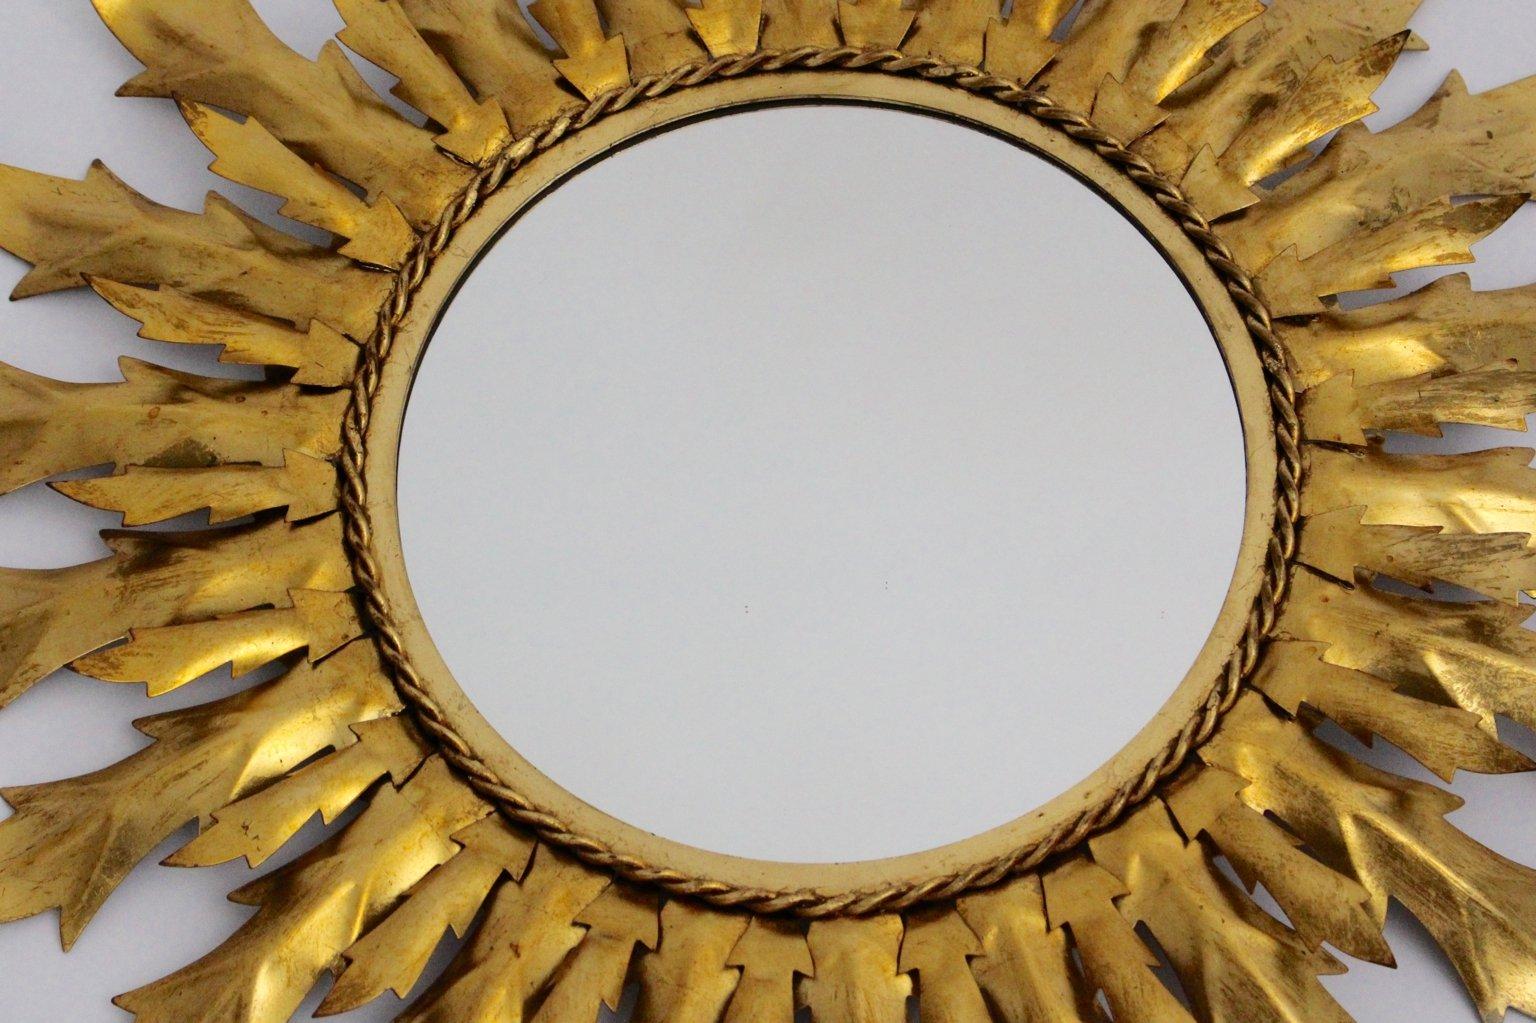 Specchio a forma di sole in ferro dorato anni 39 60 in vendita su pamono - Specchio a forma di sole ...